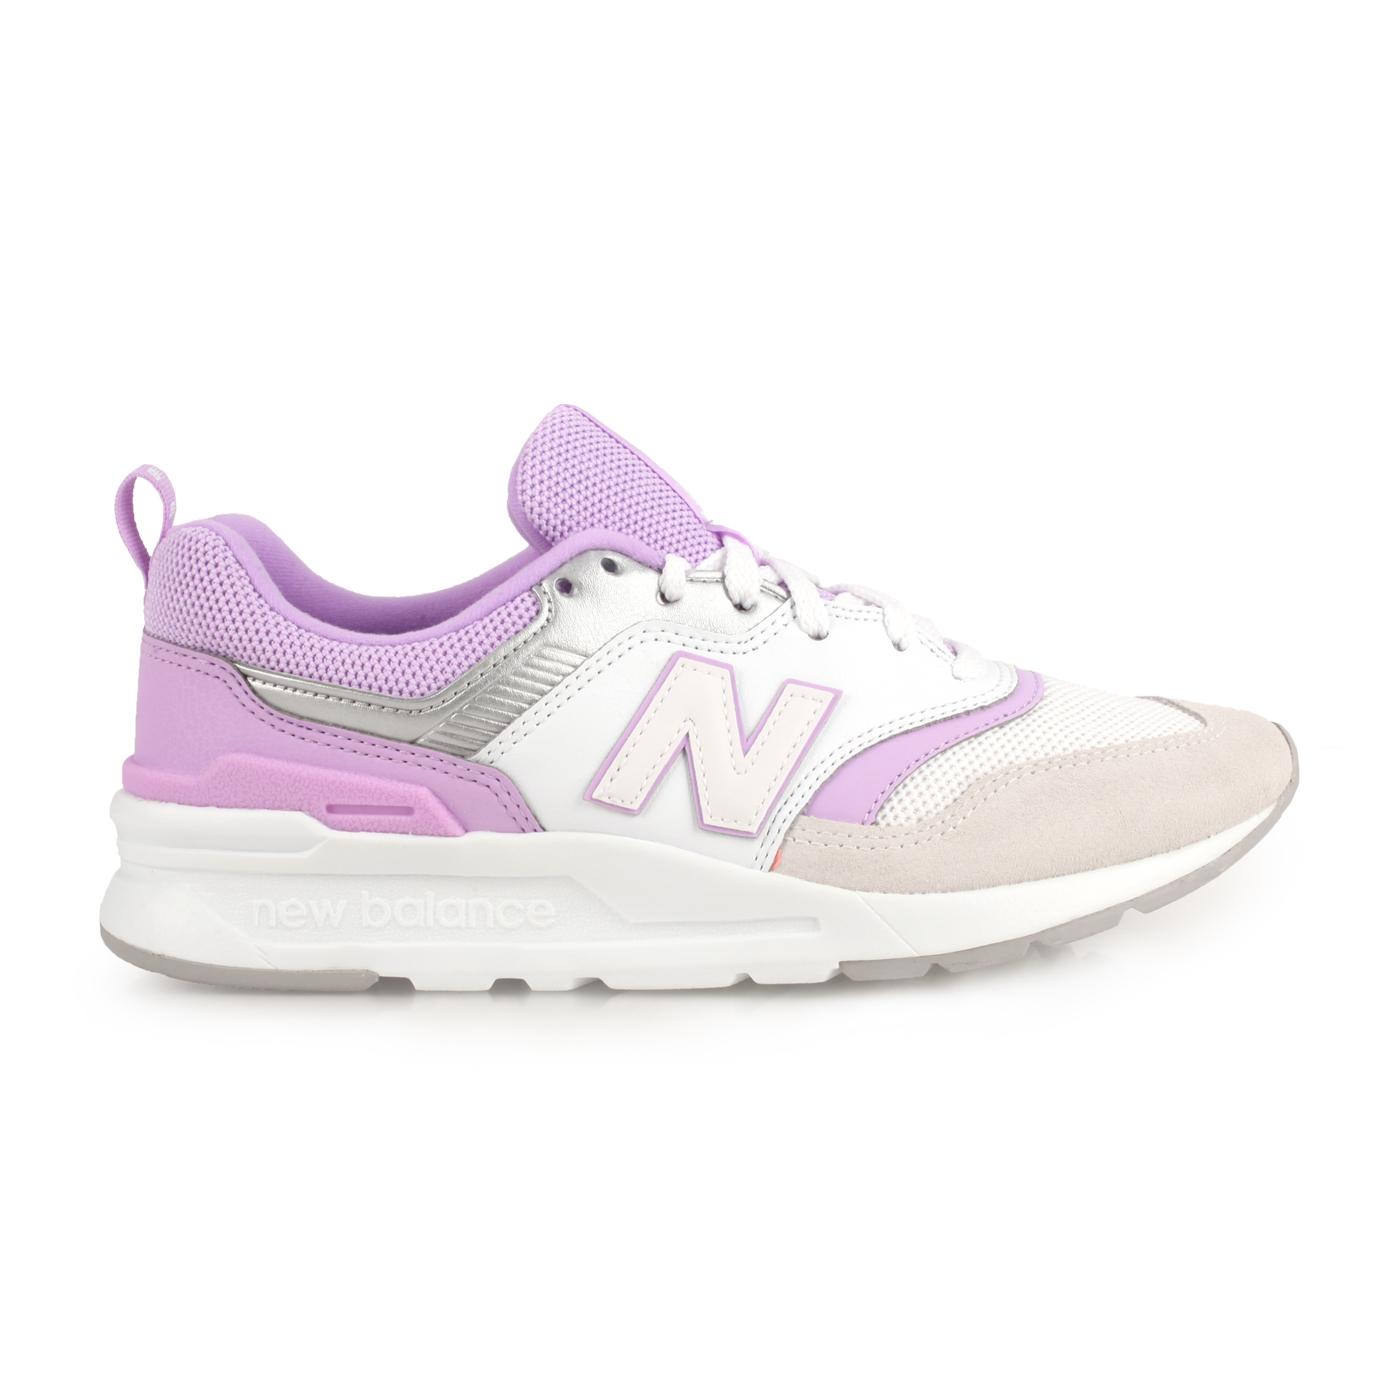 NEW BALANCE 女款經典復刻慢跑鞋  @997系列@CW997HEA - 白紫灰